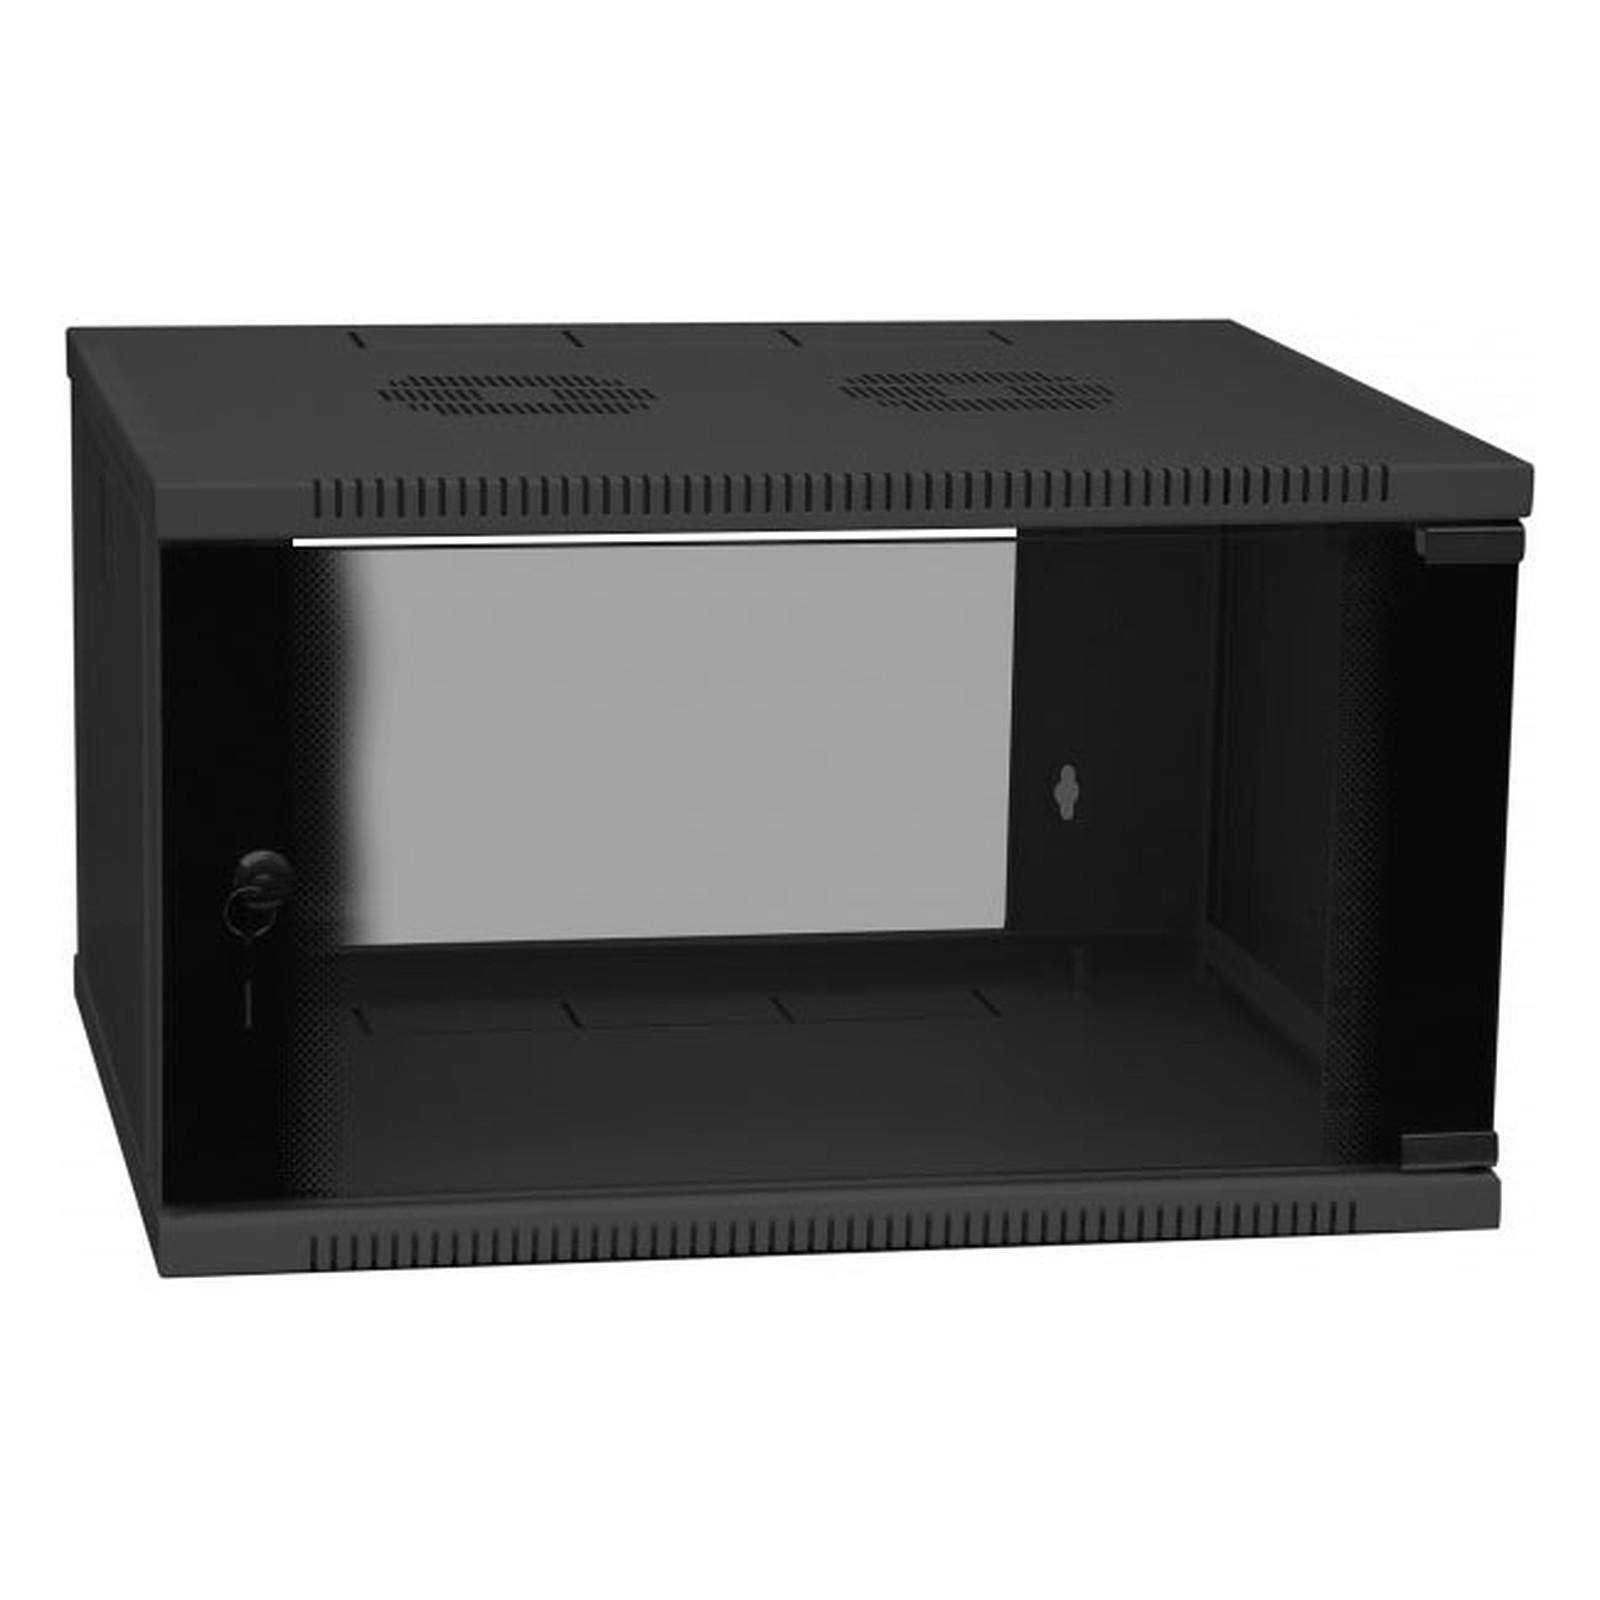 Dexlan coffret réseau - fixe - largeur 19'' - hauteur 9U - profondeur 45 cm - charge utile 35 kg - coloris noir